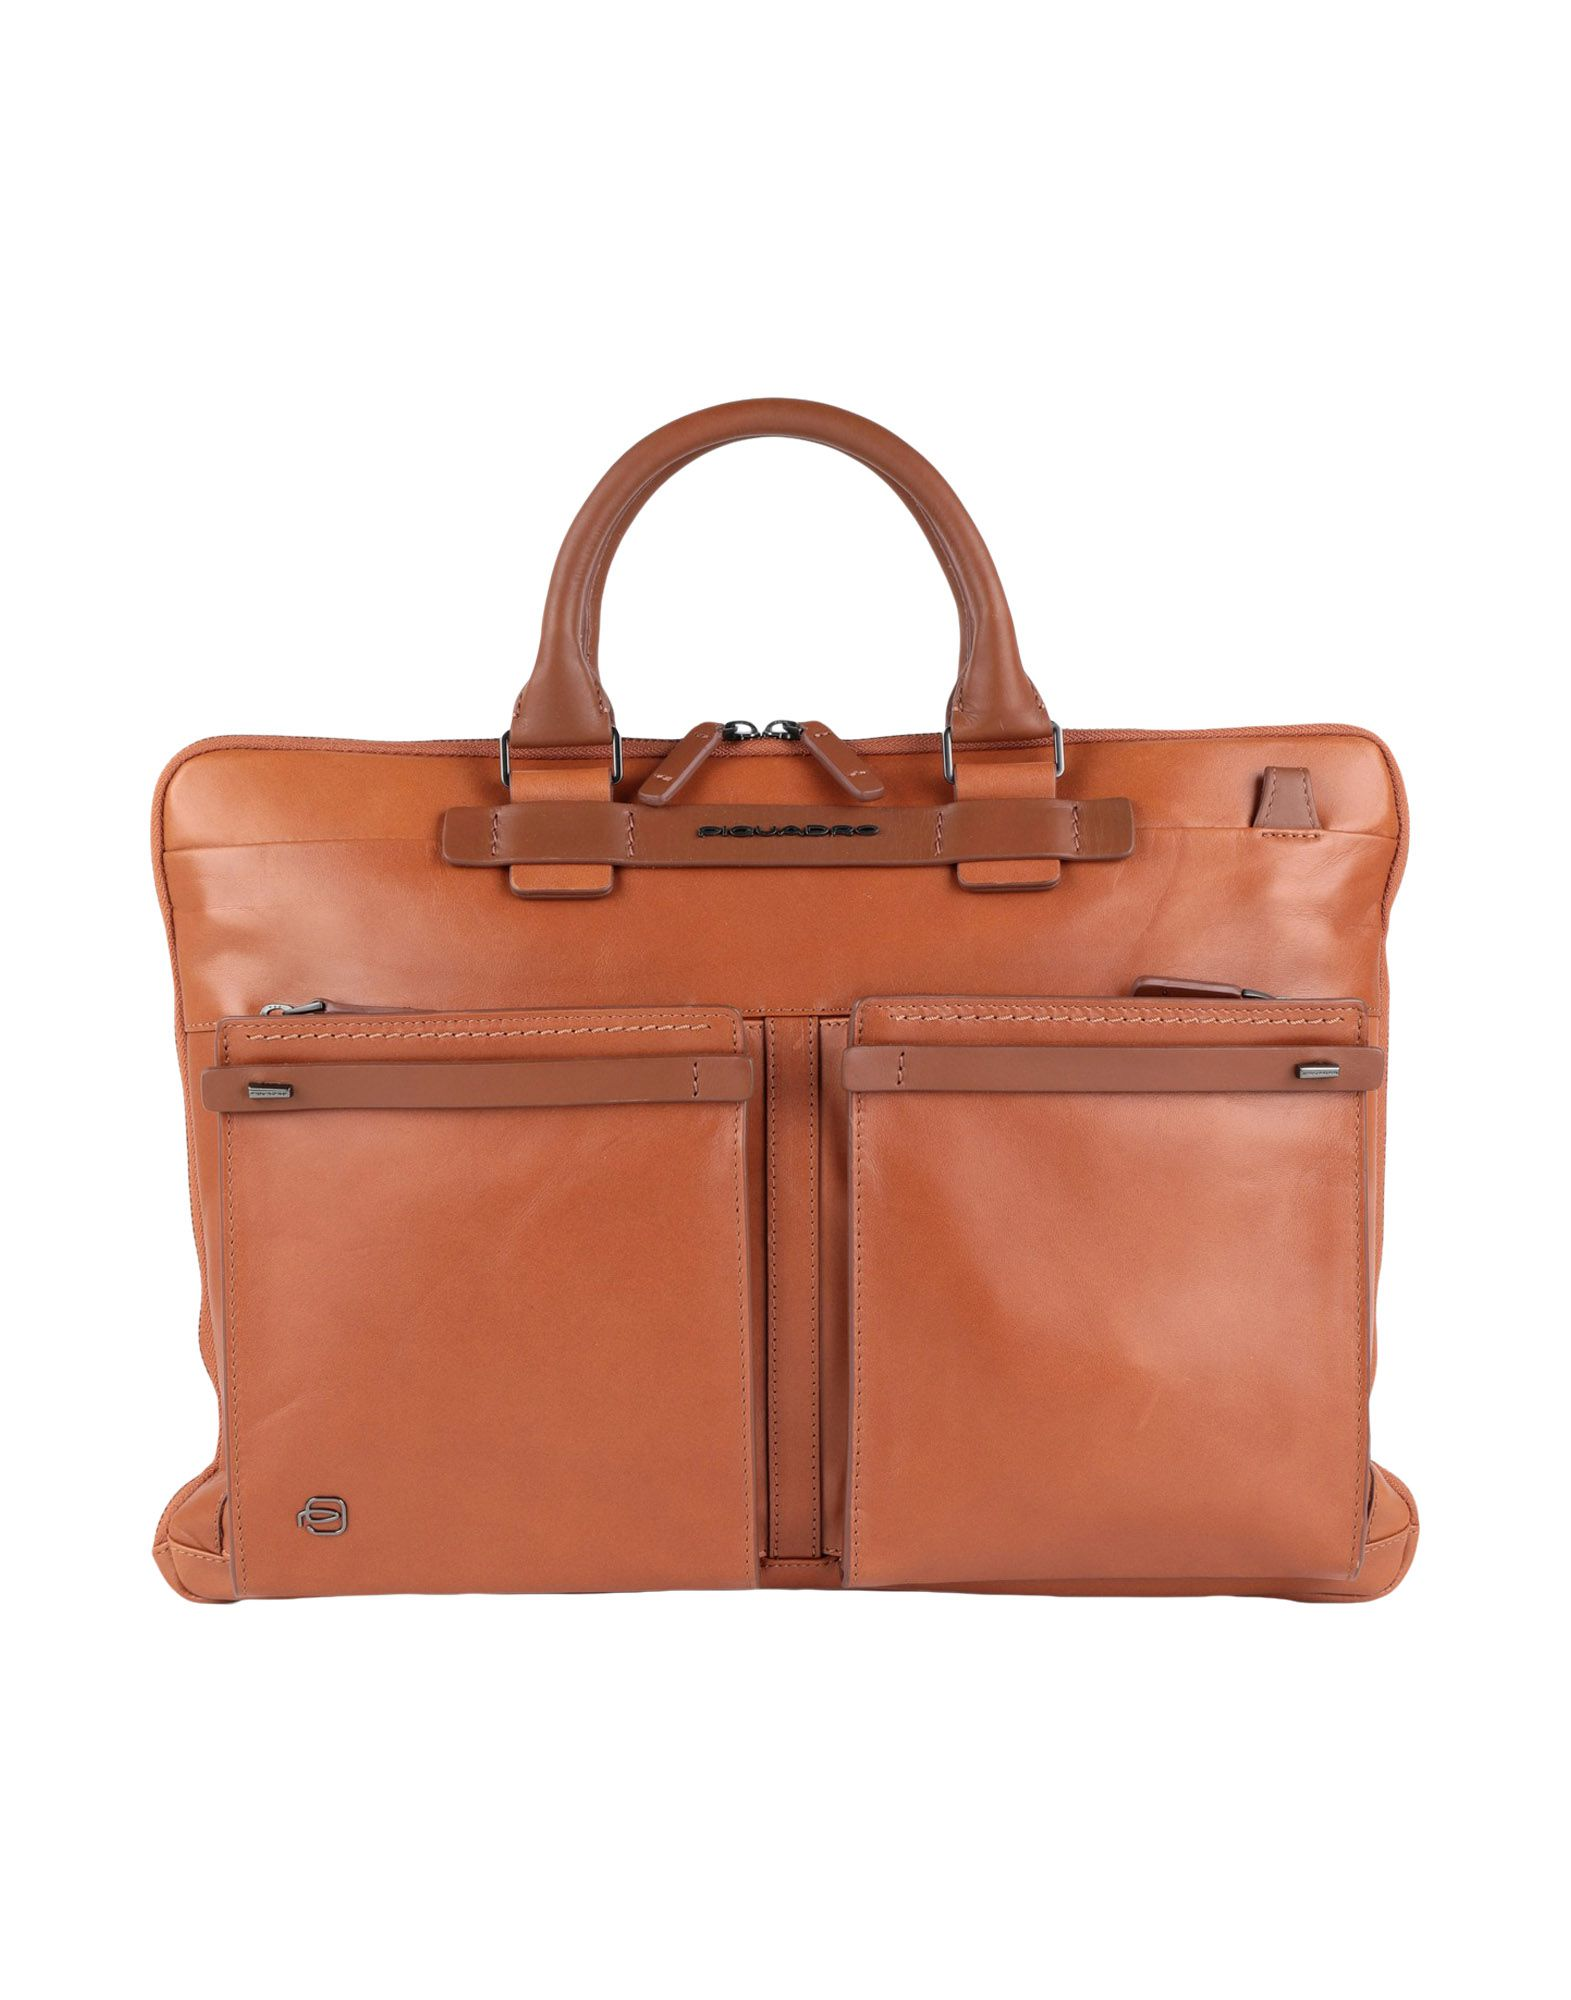 4f2acce767 Τσάντα Γραφείου Piquadro Άνδρας - Τσάντες Γραφείου Piquadro στο YOOX -  45449770WV